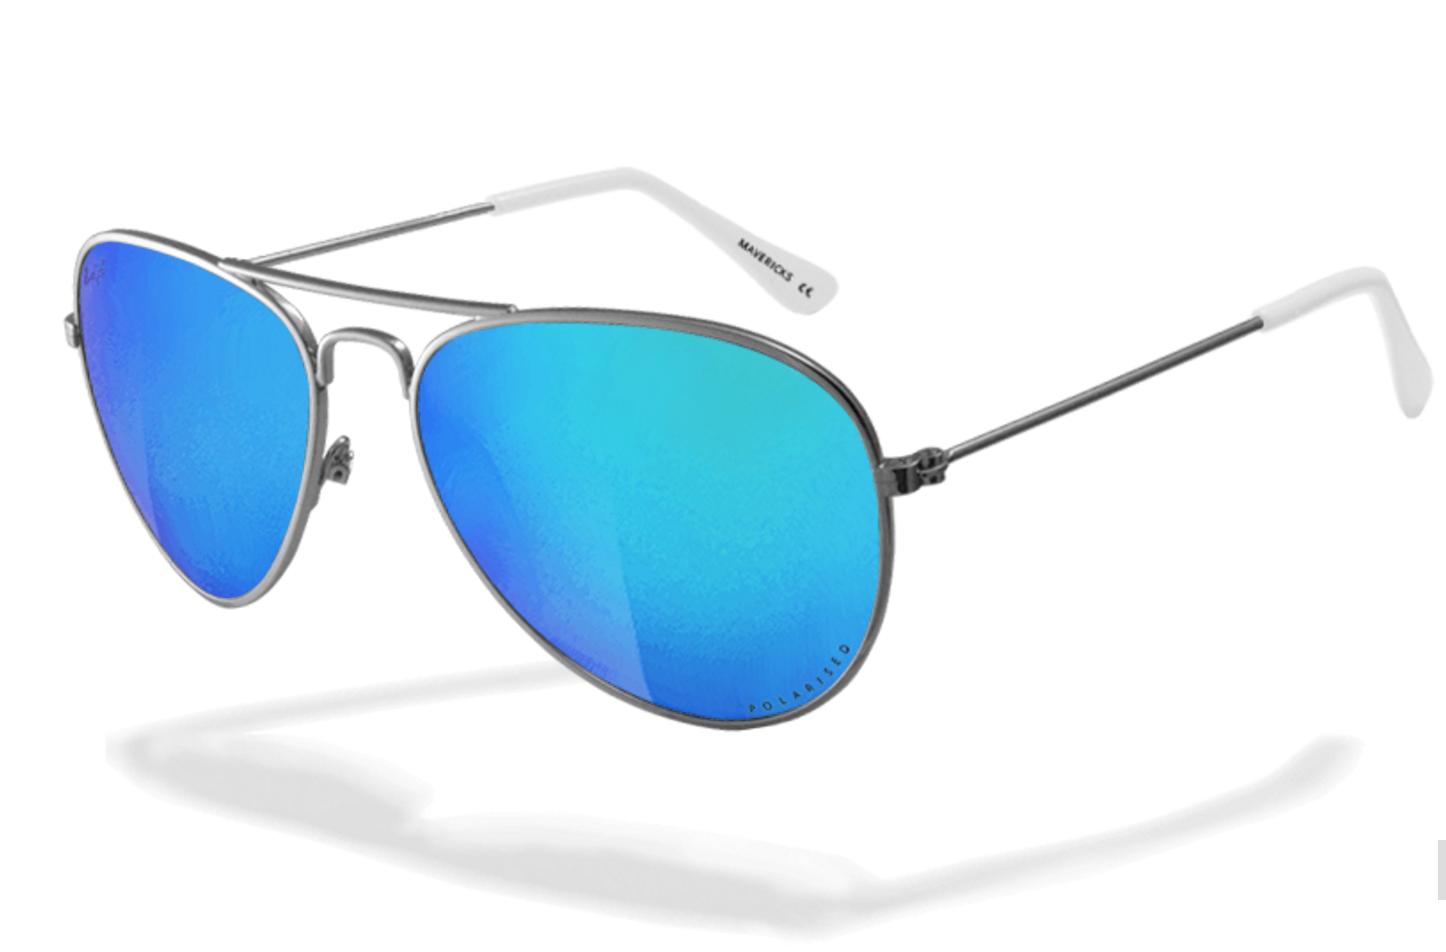 (Concours) Découvrez le nouveau modèle Mavericks de SunGod & gagnez 3 paires de lunettes customisables & garanties à vie